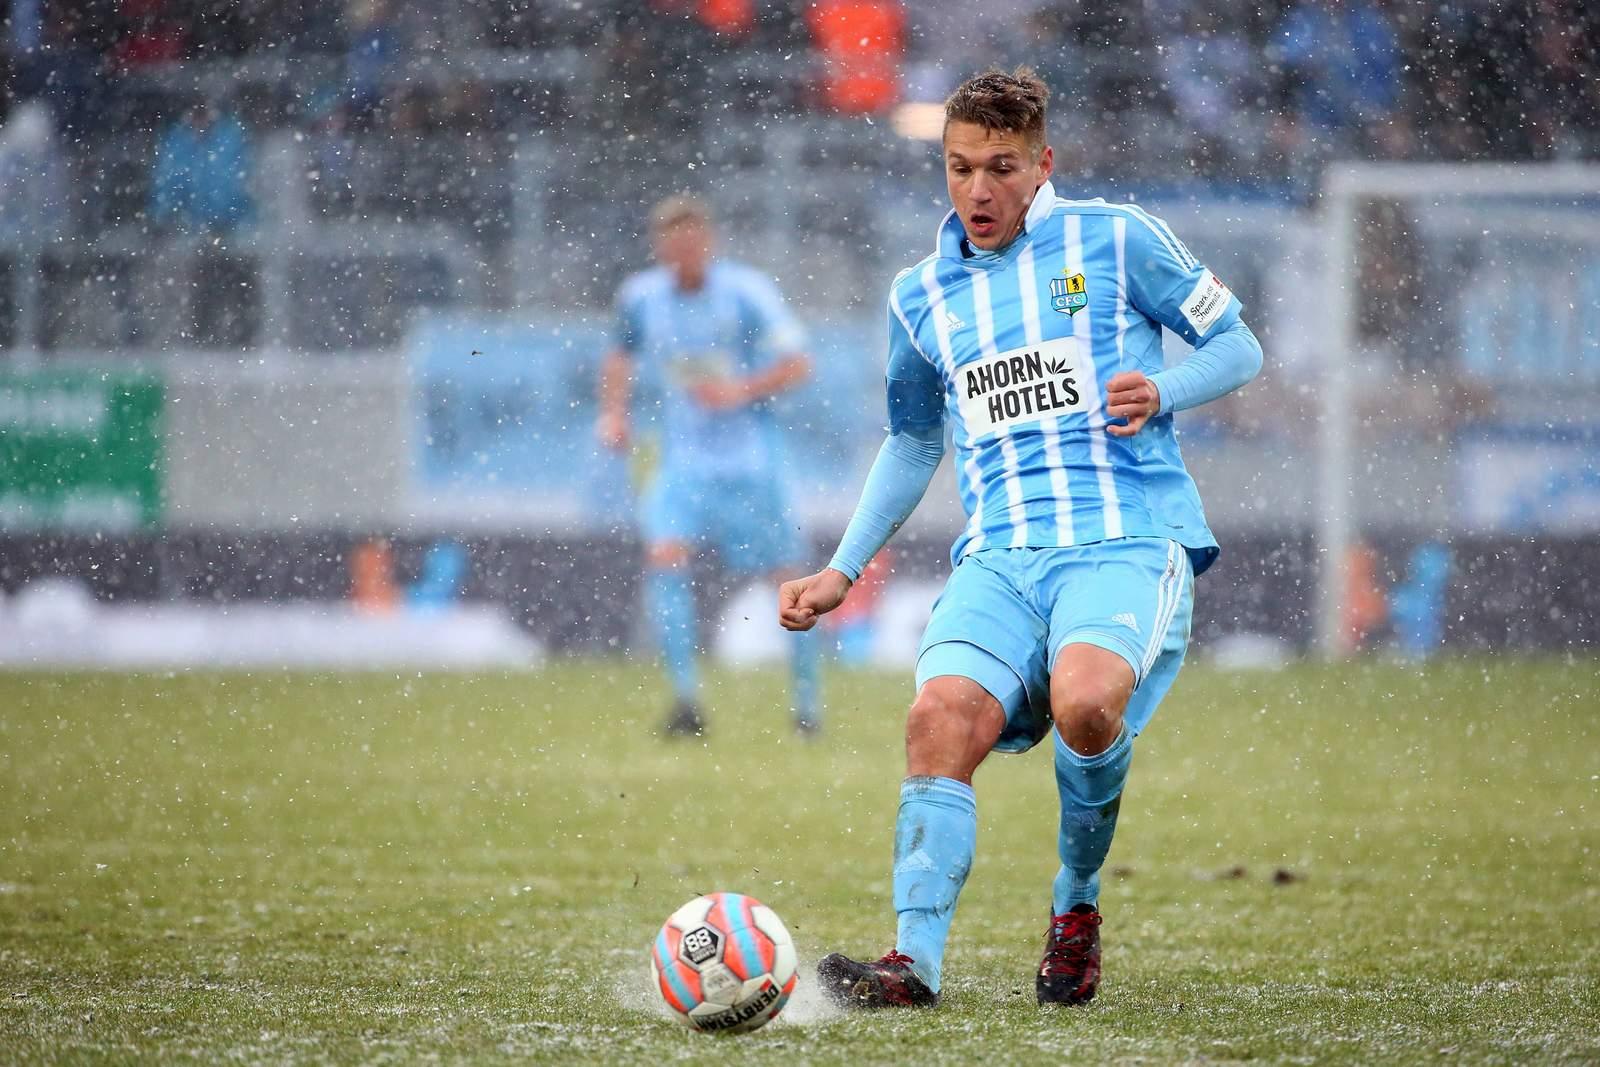 Daniel Frahn vom Chemnitzer FC